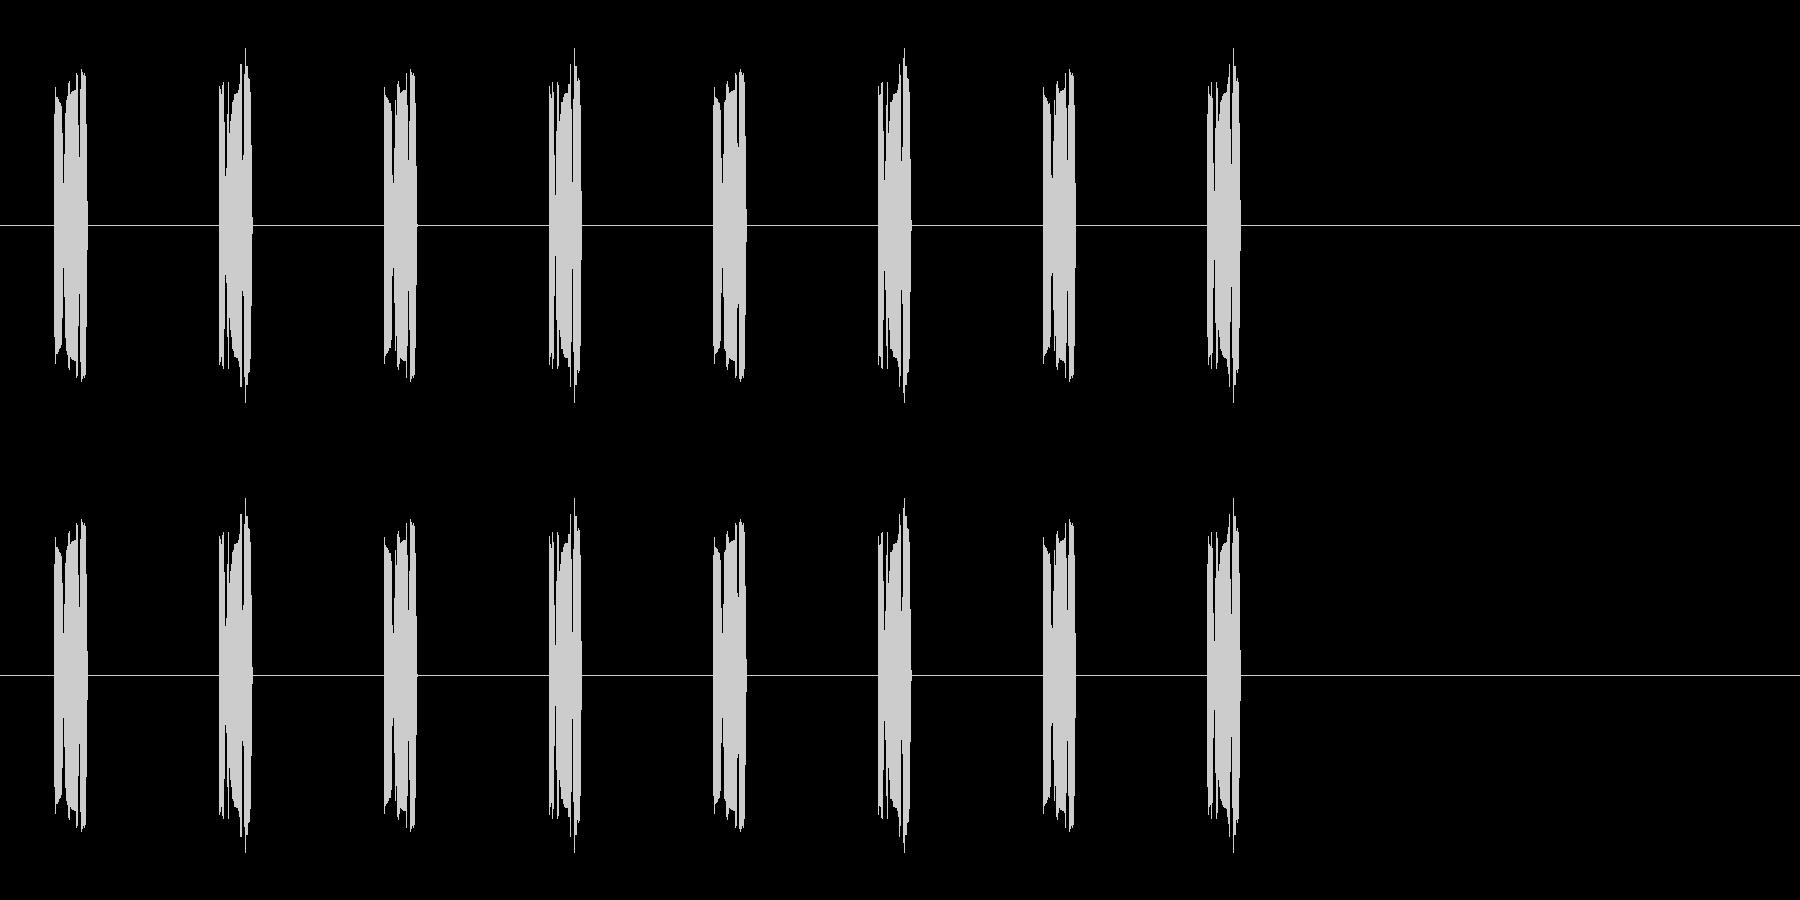 コミカルな足音 B-8-3の未再生の波形